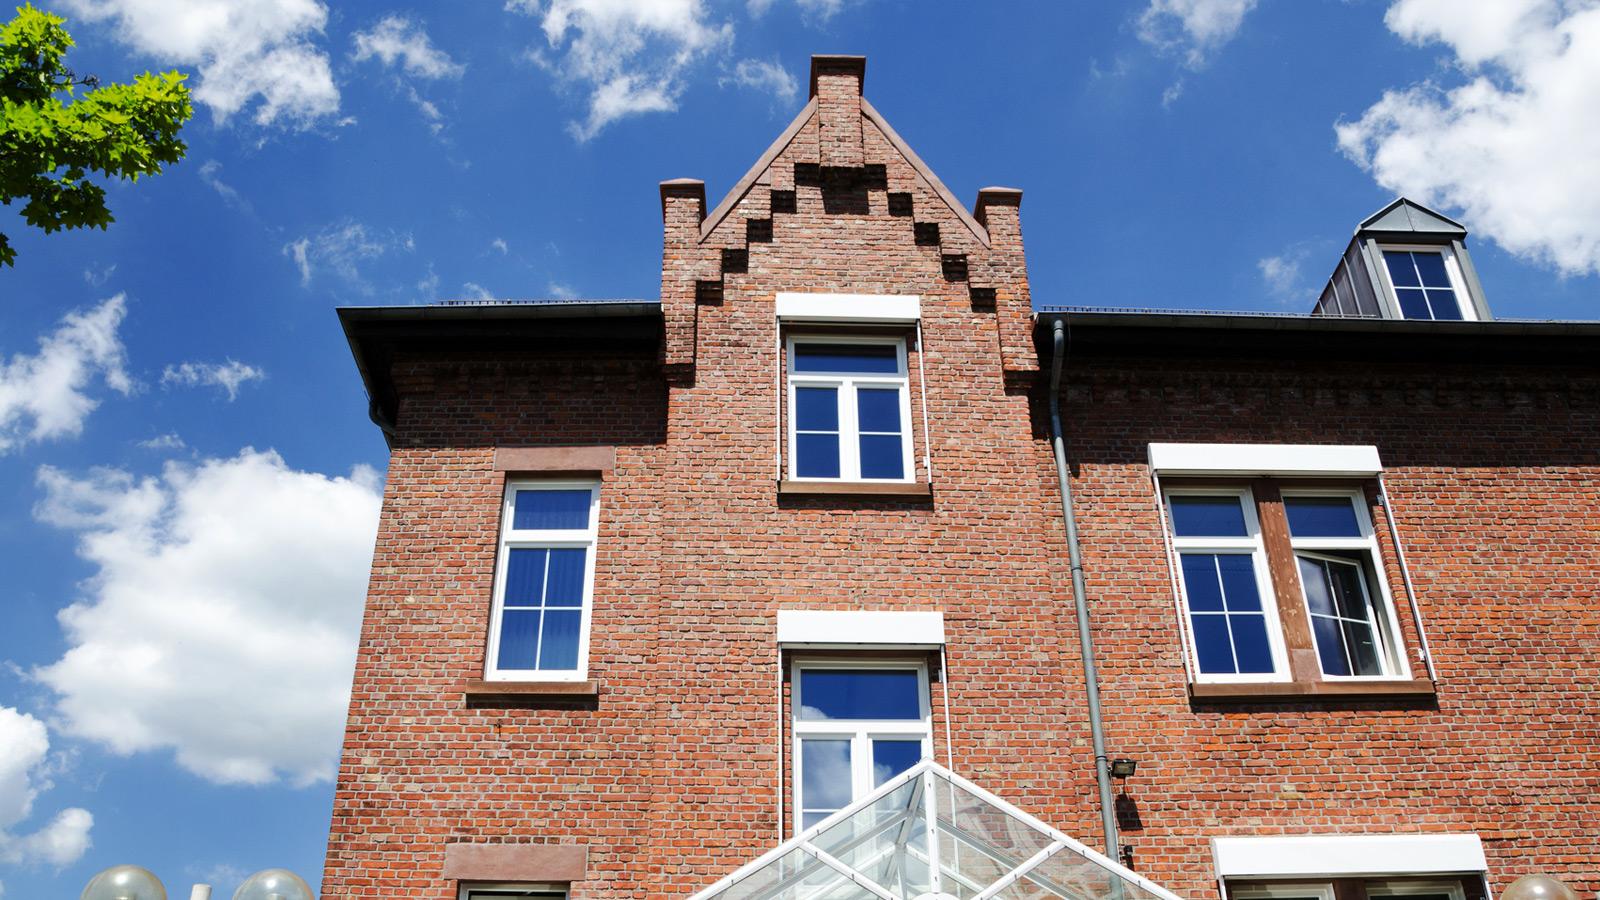 05_Vorbaurolladen Home